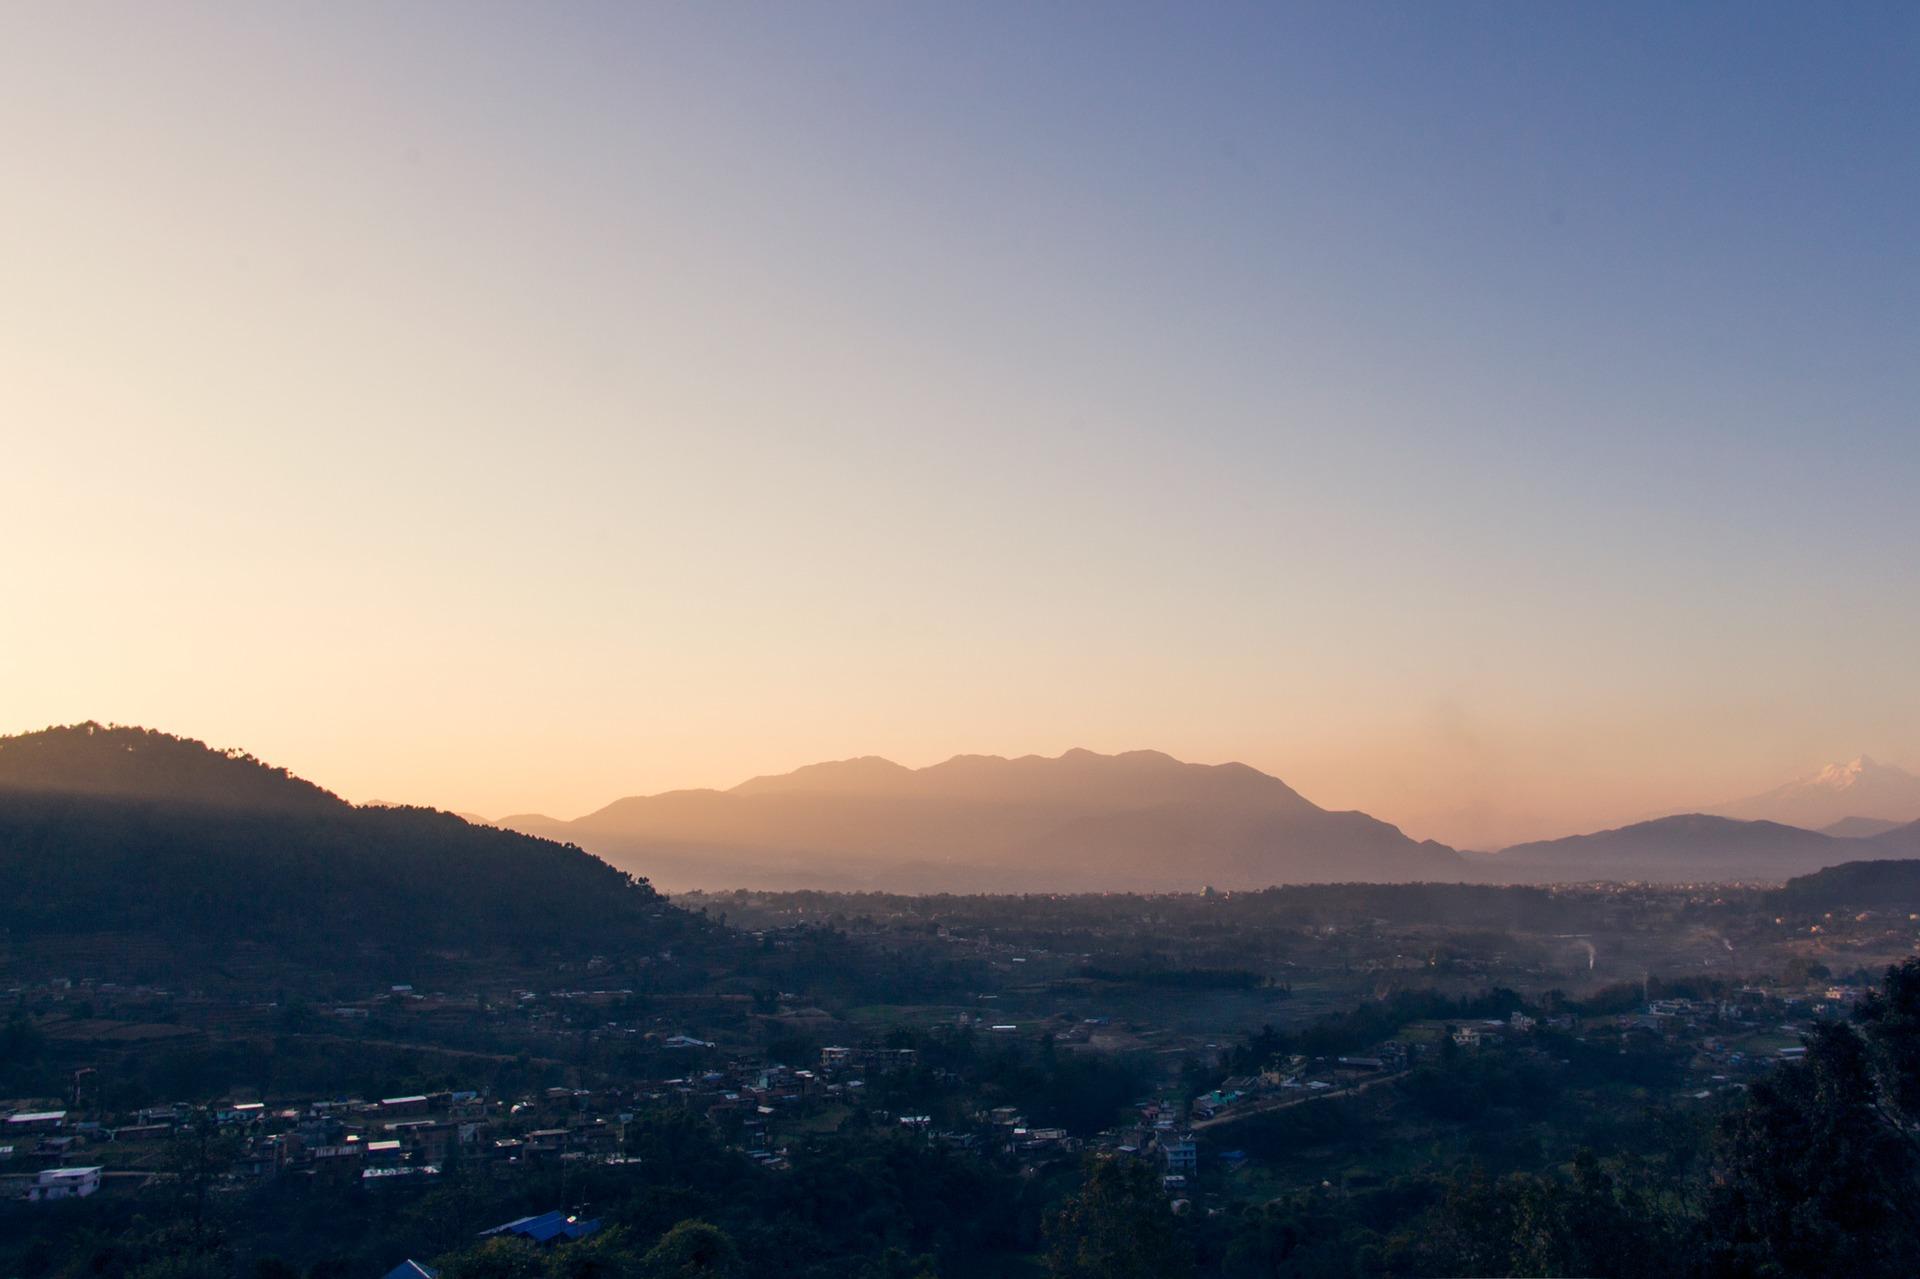 DAY 14-15: NAMASTE,CIVILIZATION - LUKLA to KATHMANDUElevation: 2,800 - 1,400 m